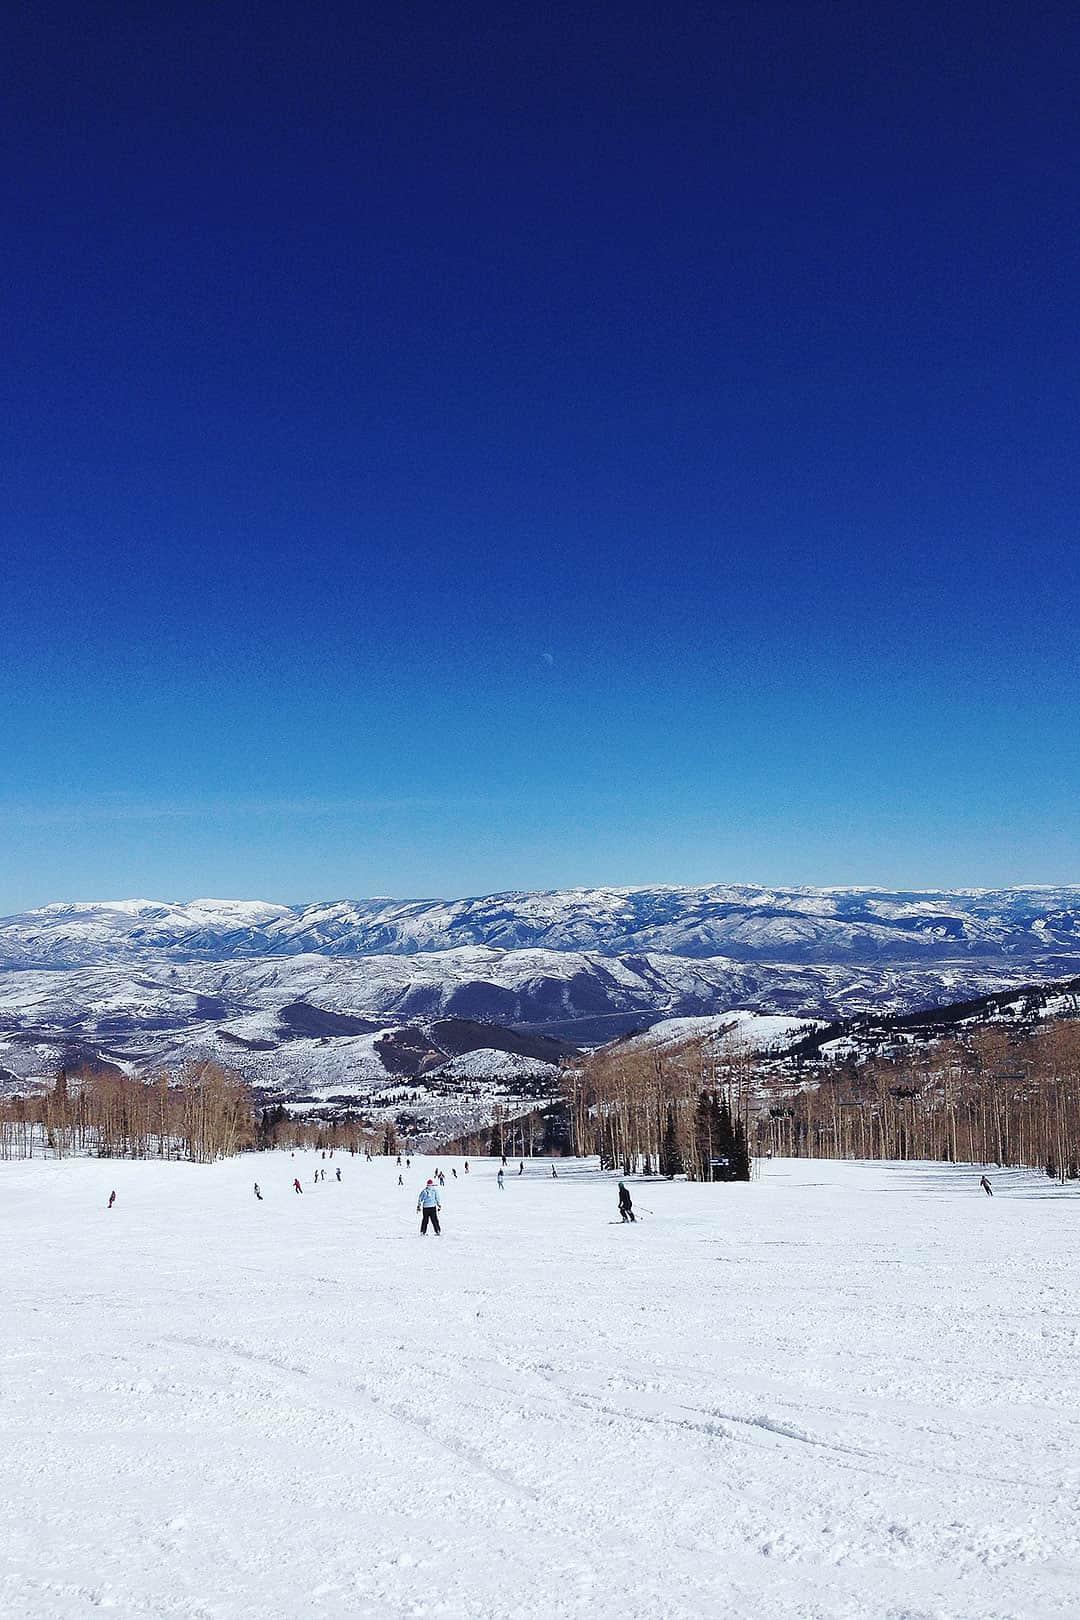 Snowboarding Park City Utah + 101 Things to Do in Utah - Your Ultimate Utah Bucket List